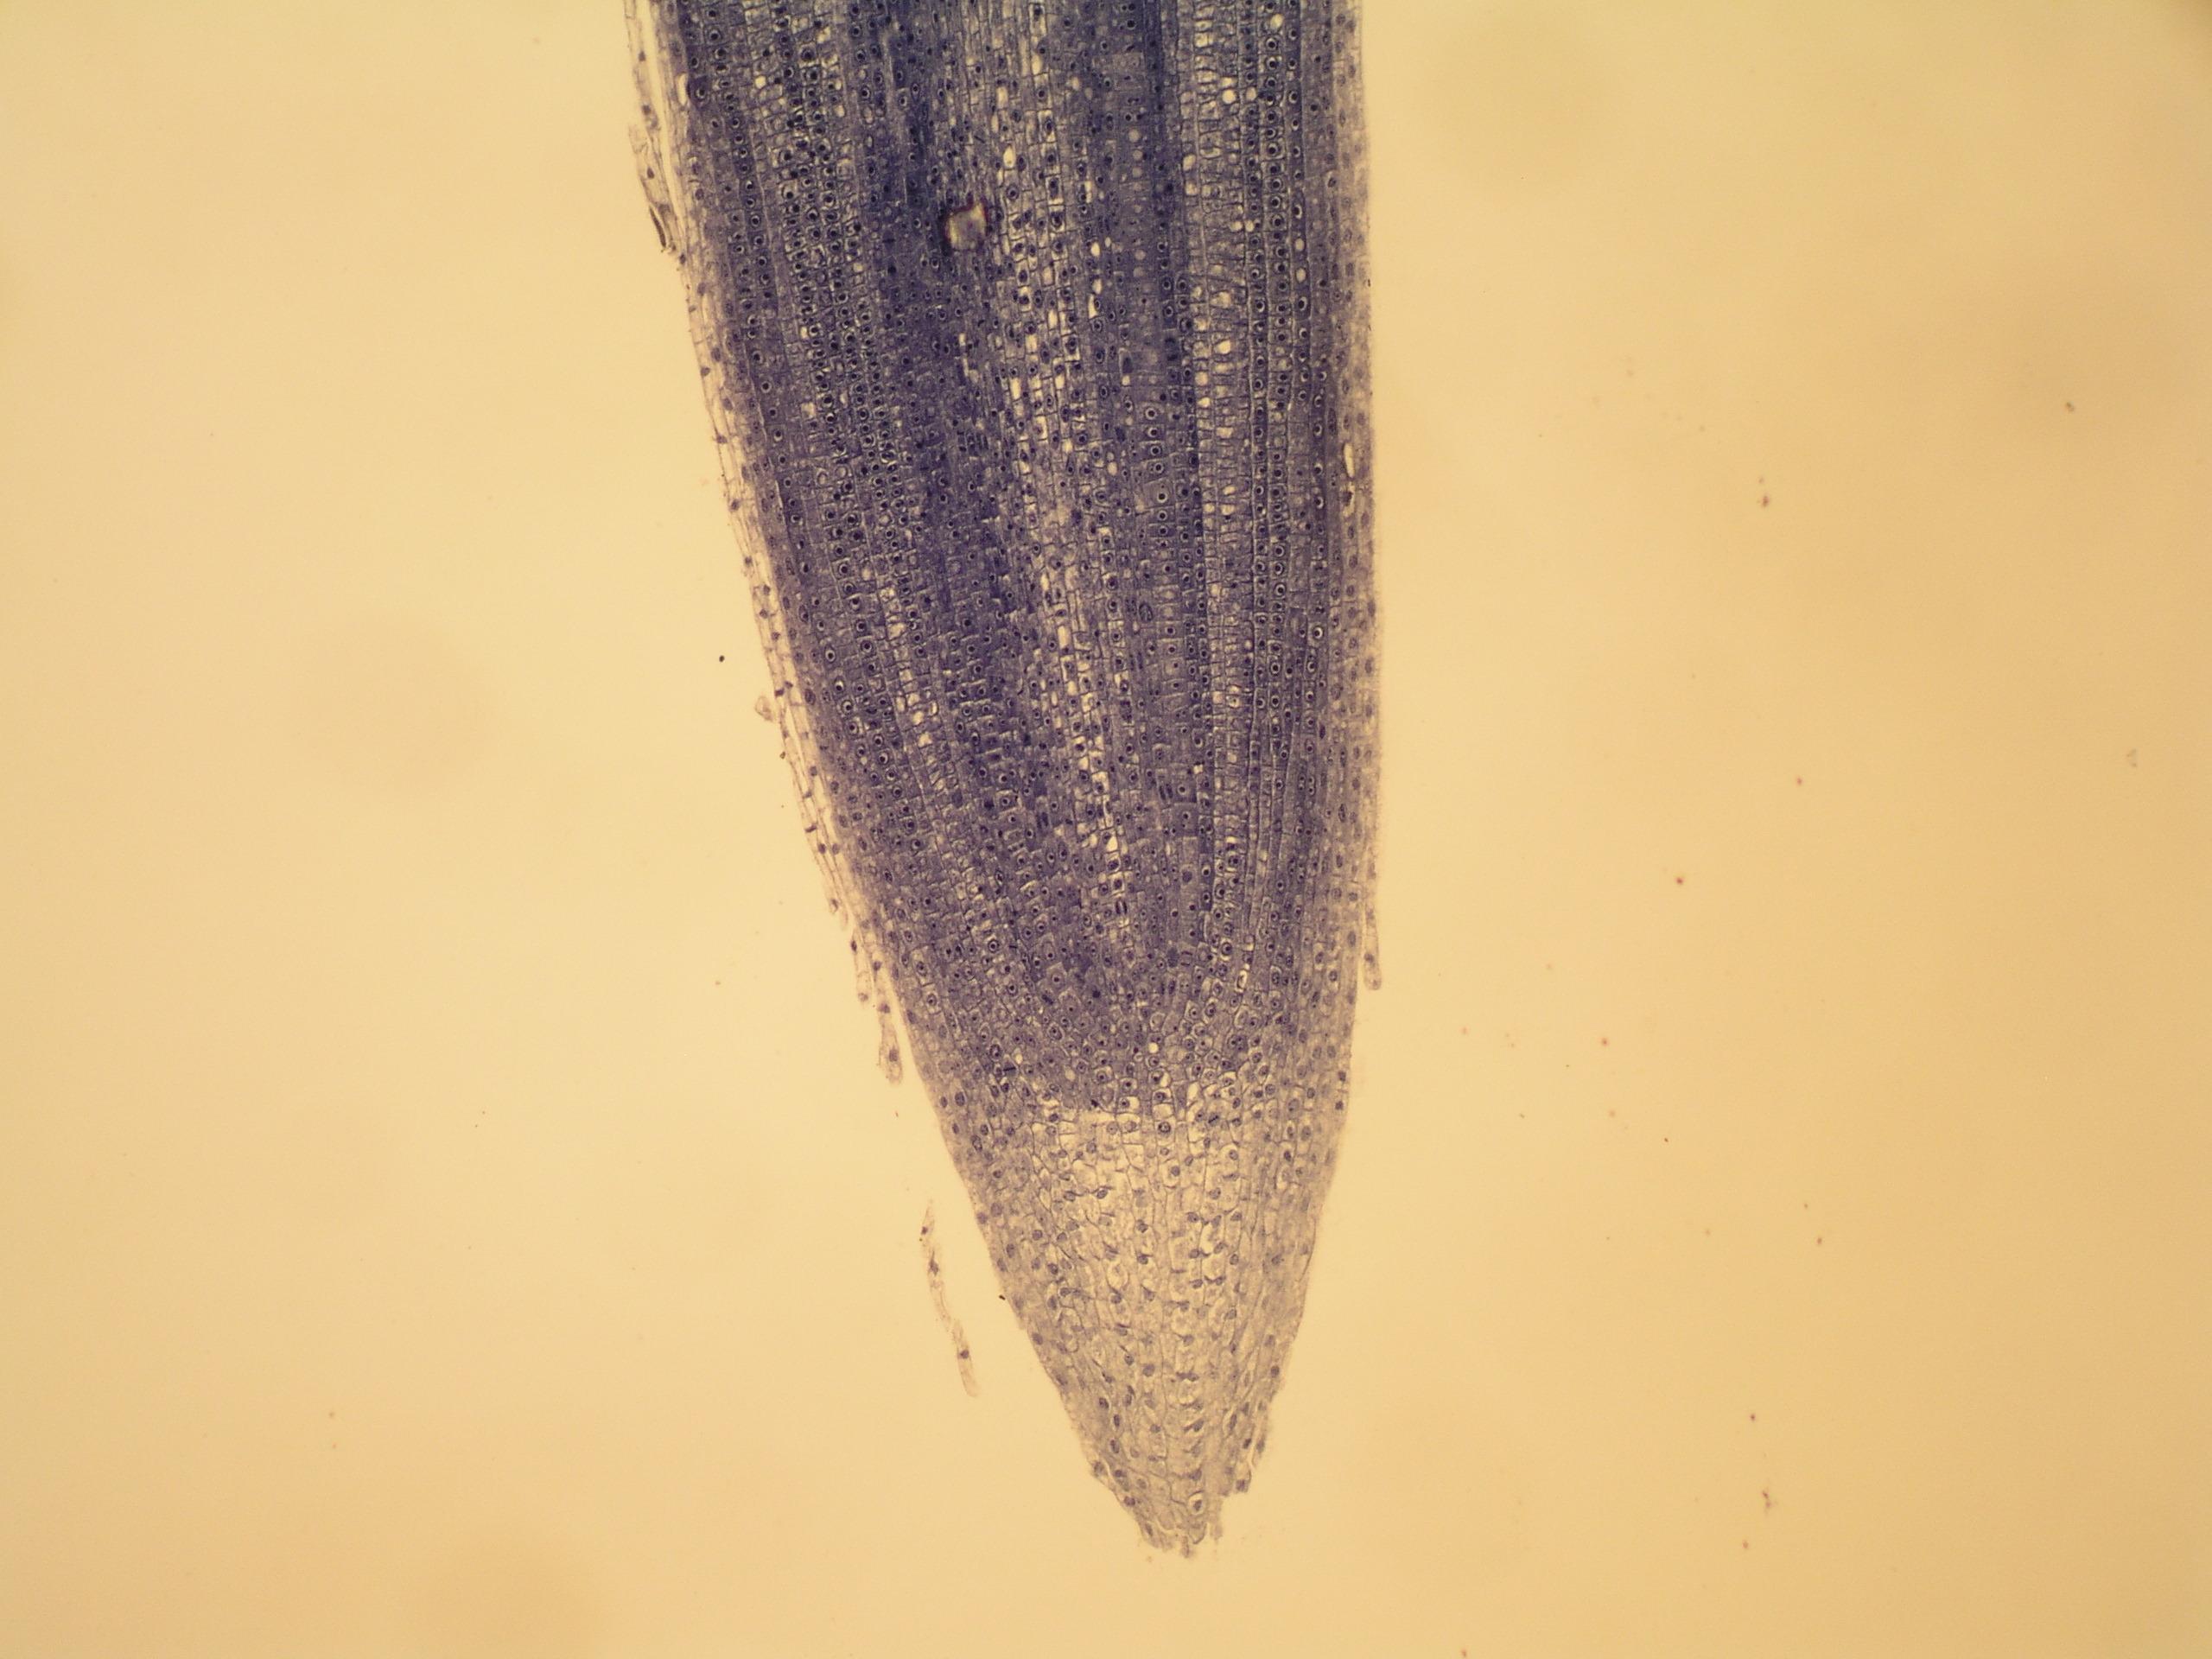 根尖纵切细胞结构图